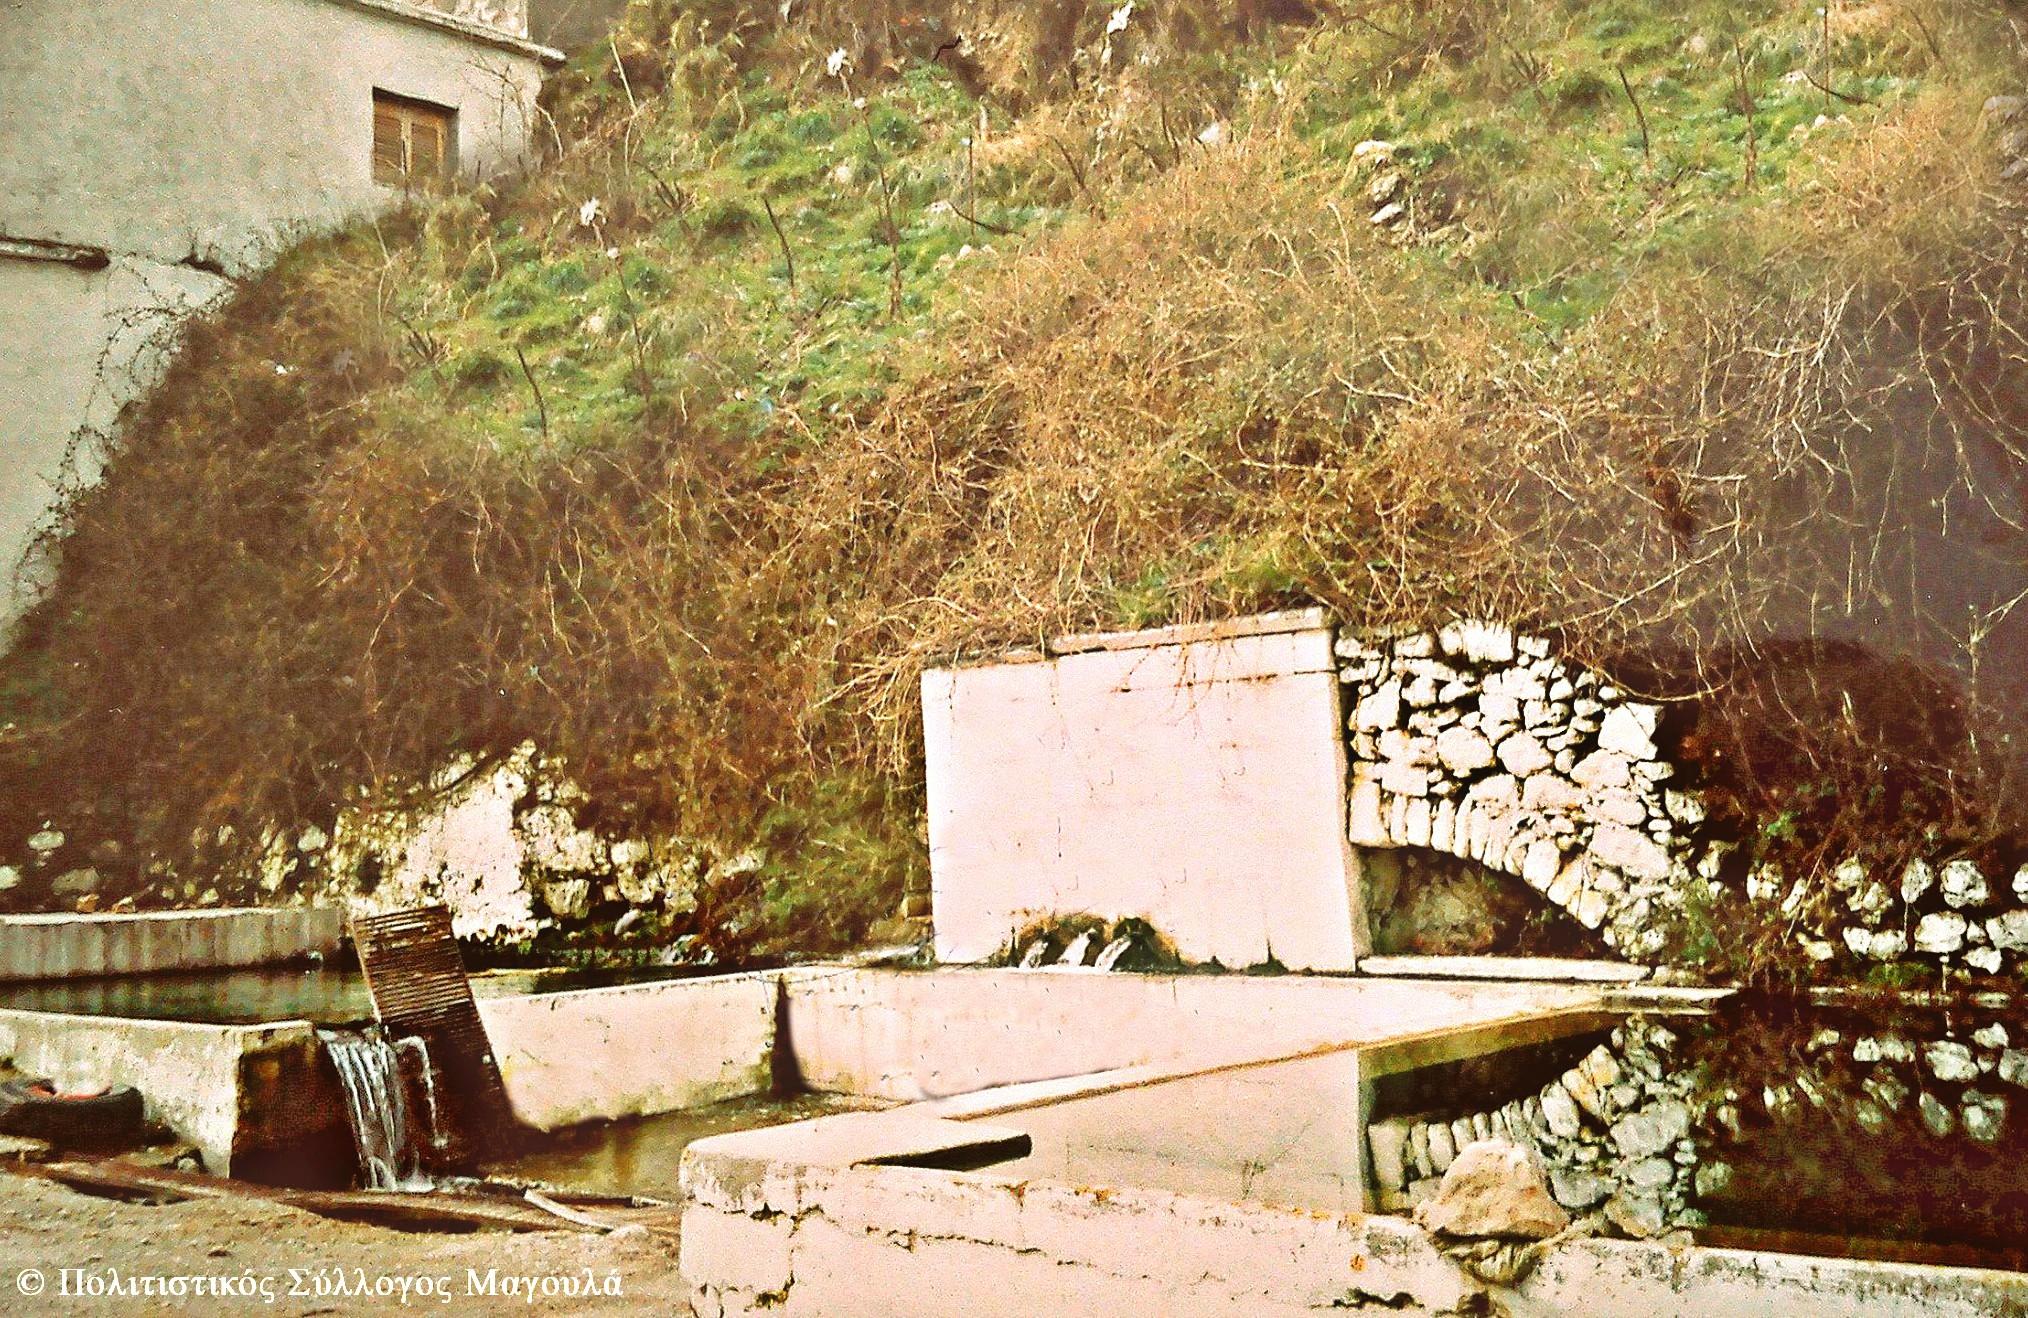 Μεγάλη Βρύση 1985- Great Fountain of Magoula in 1985